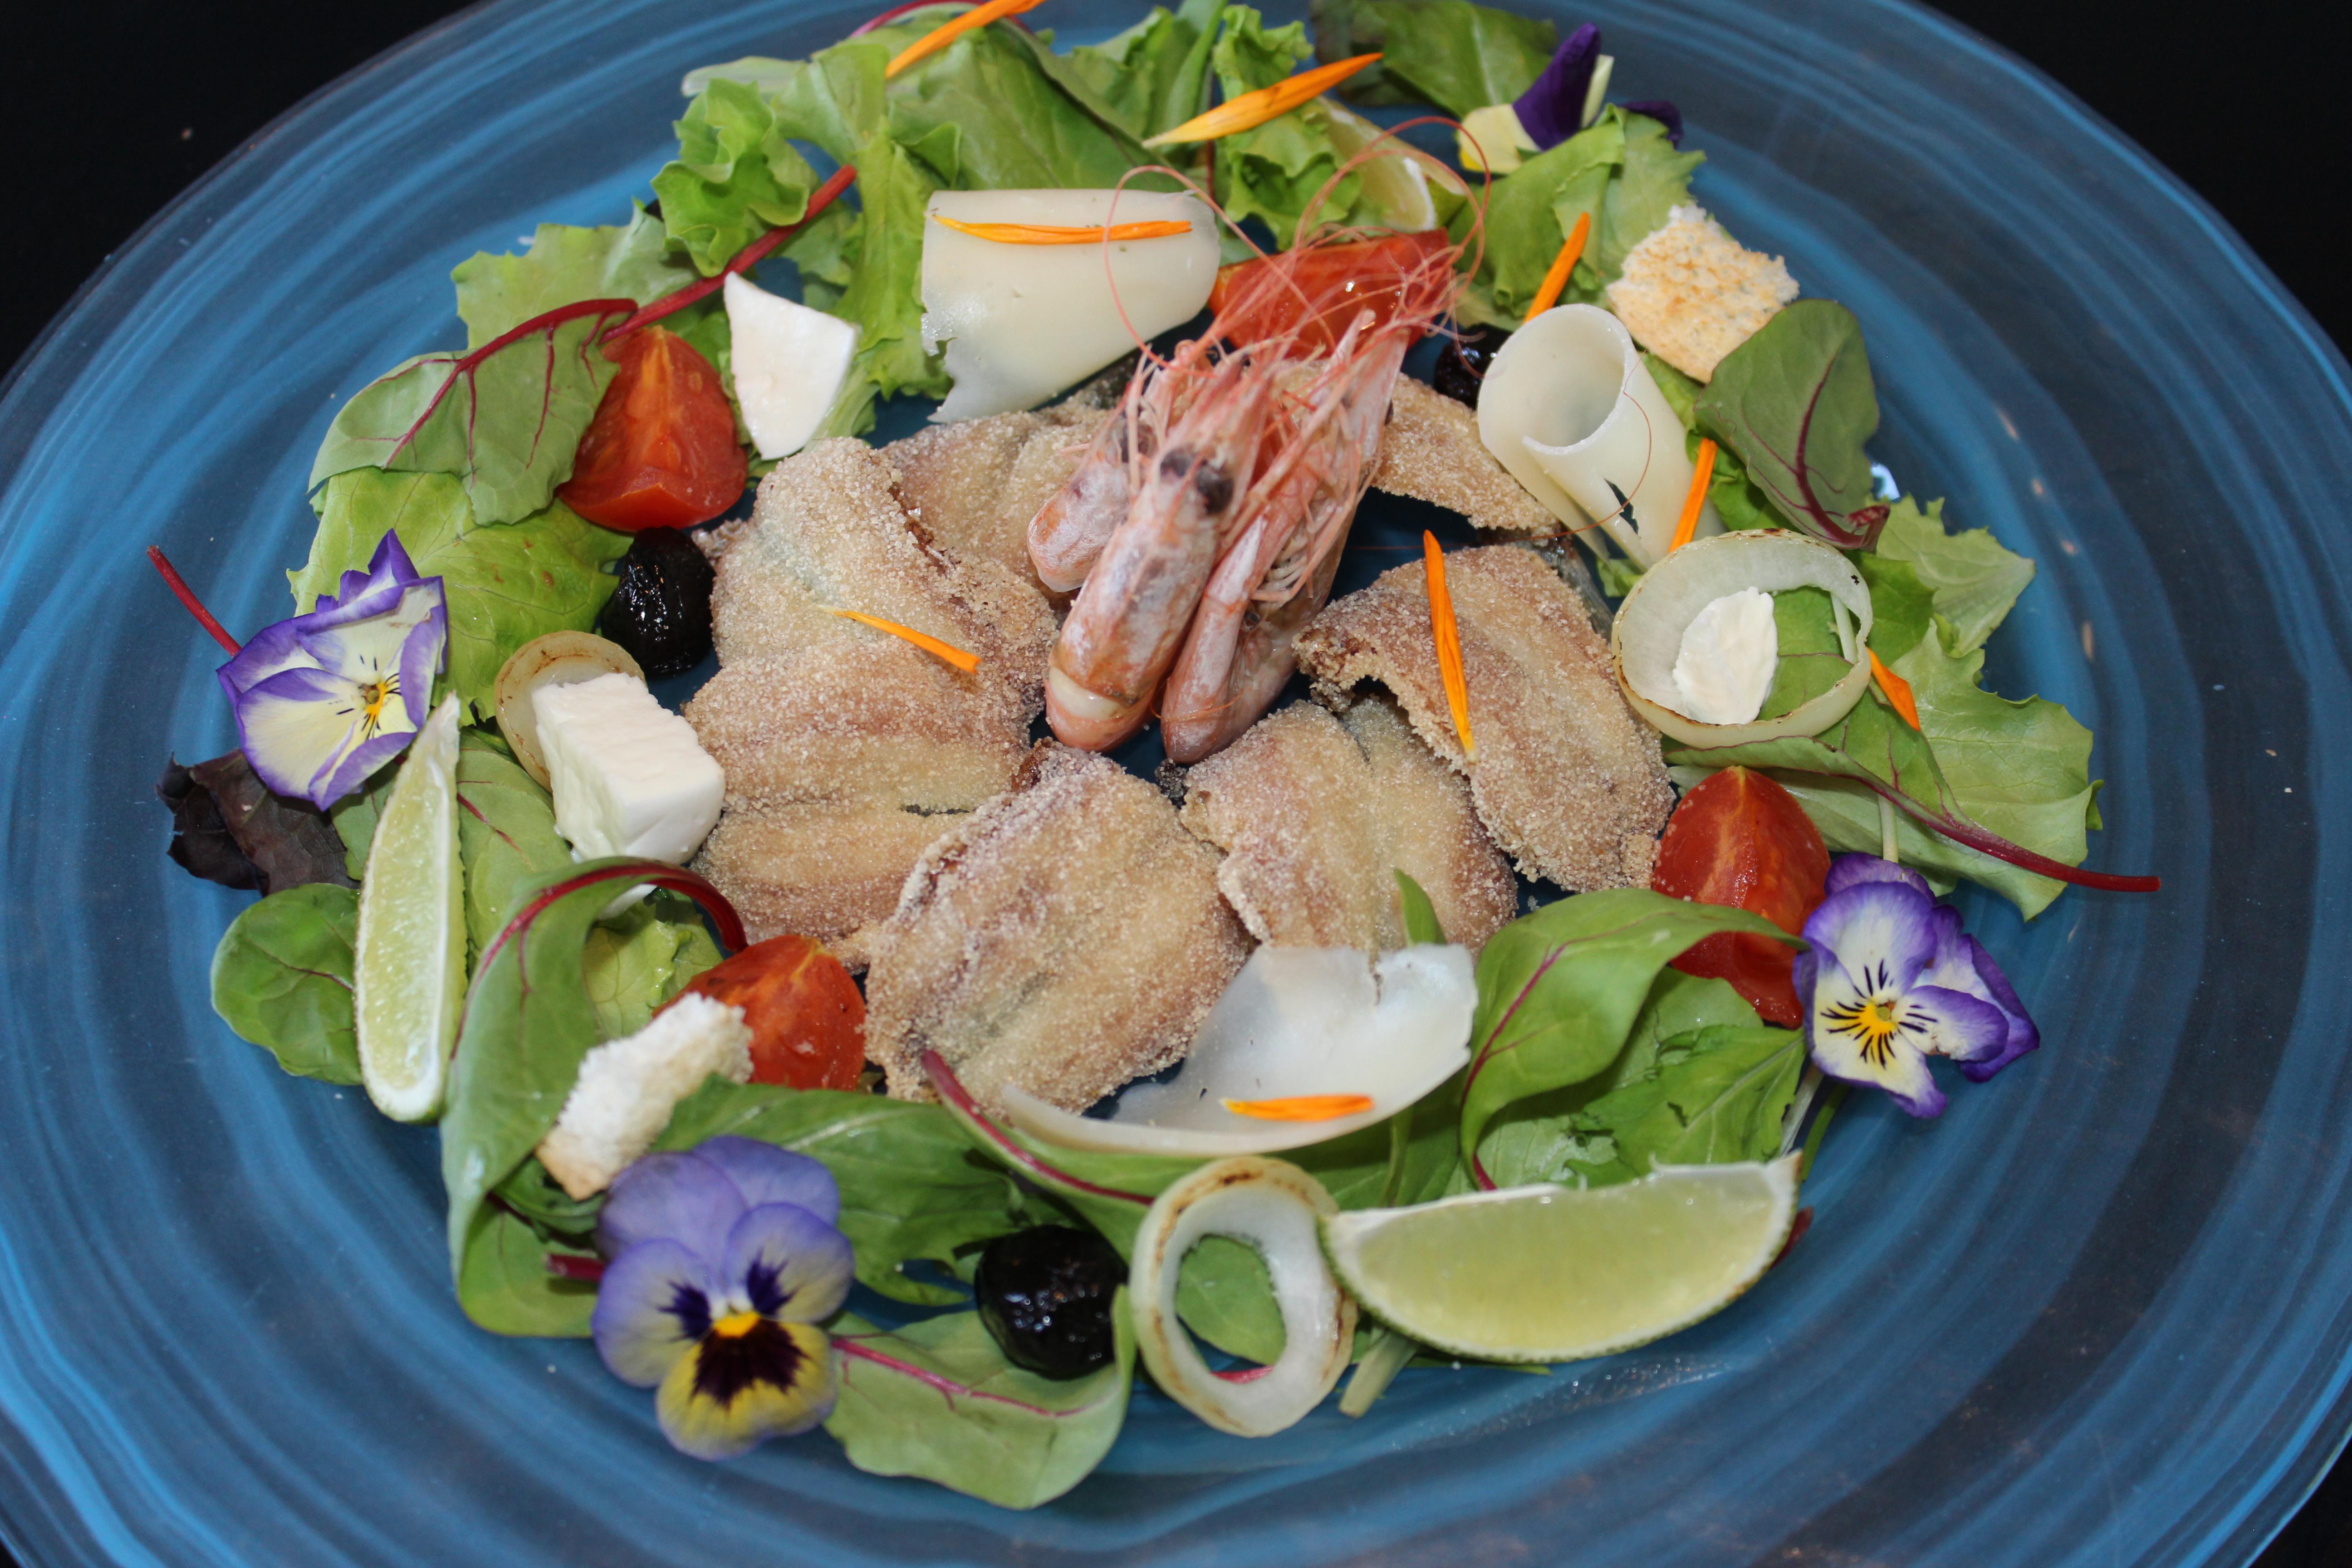 saraghina saladcheese ricetta dello chef pezzuol